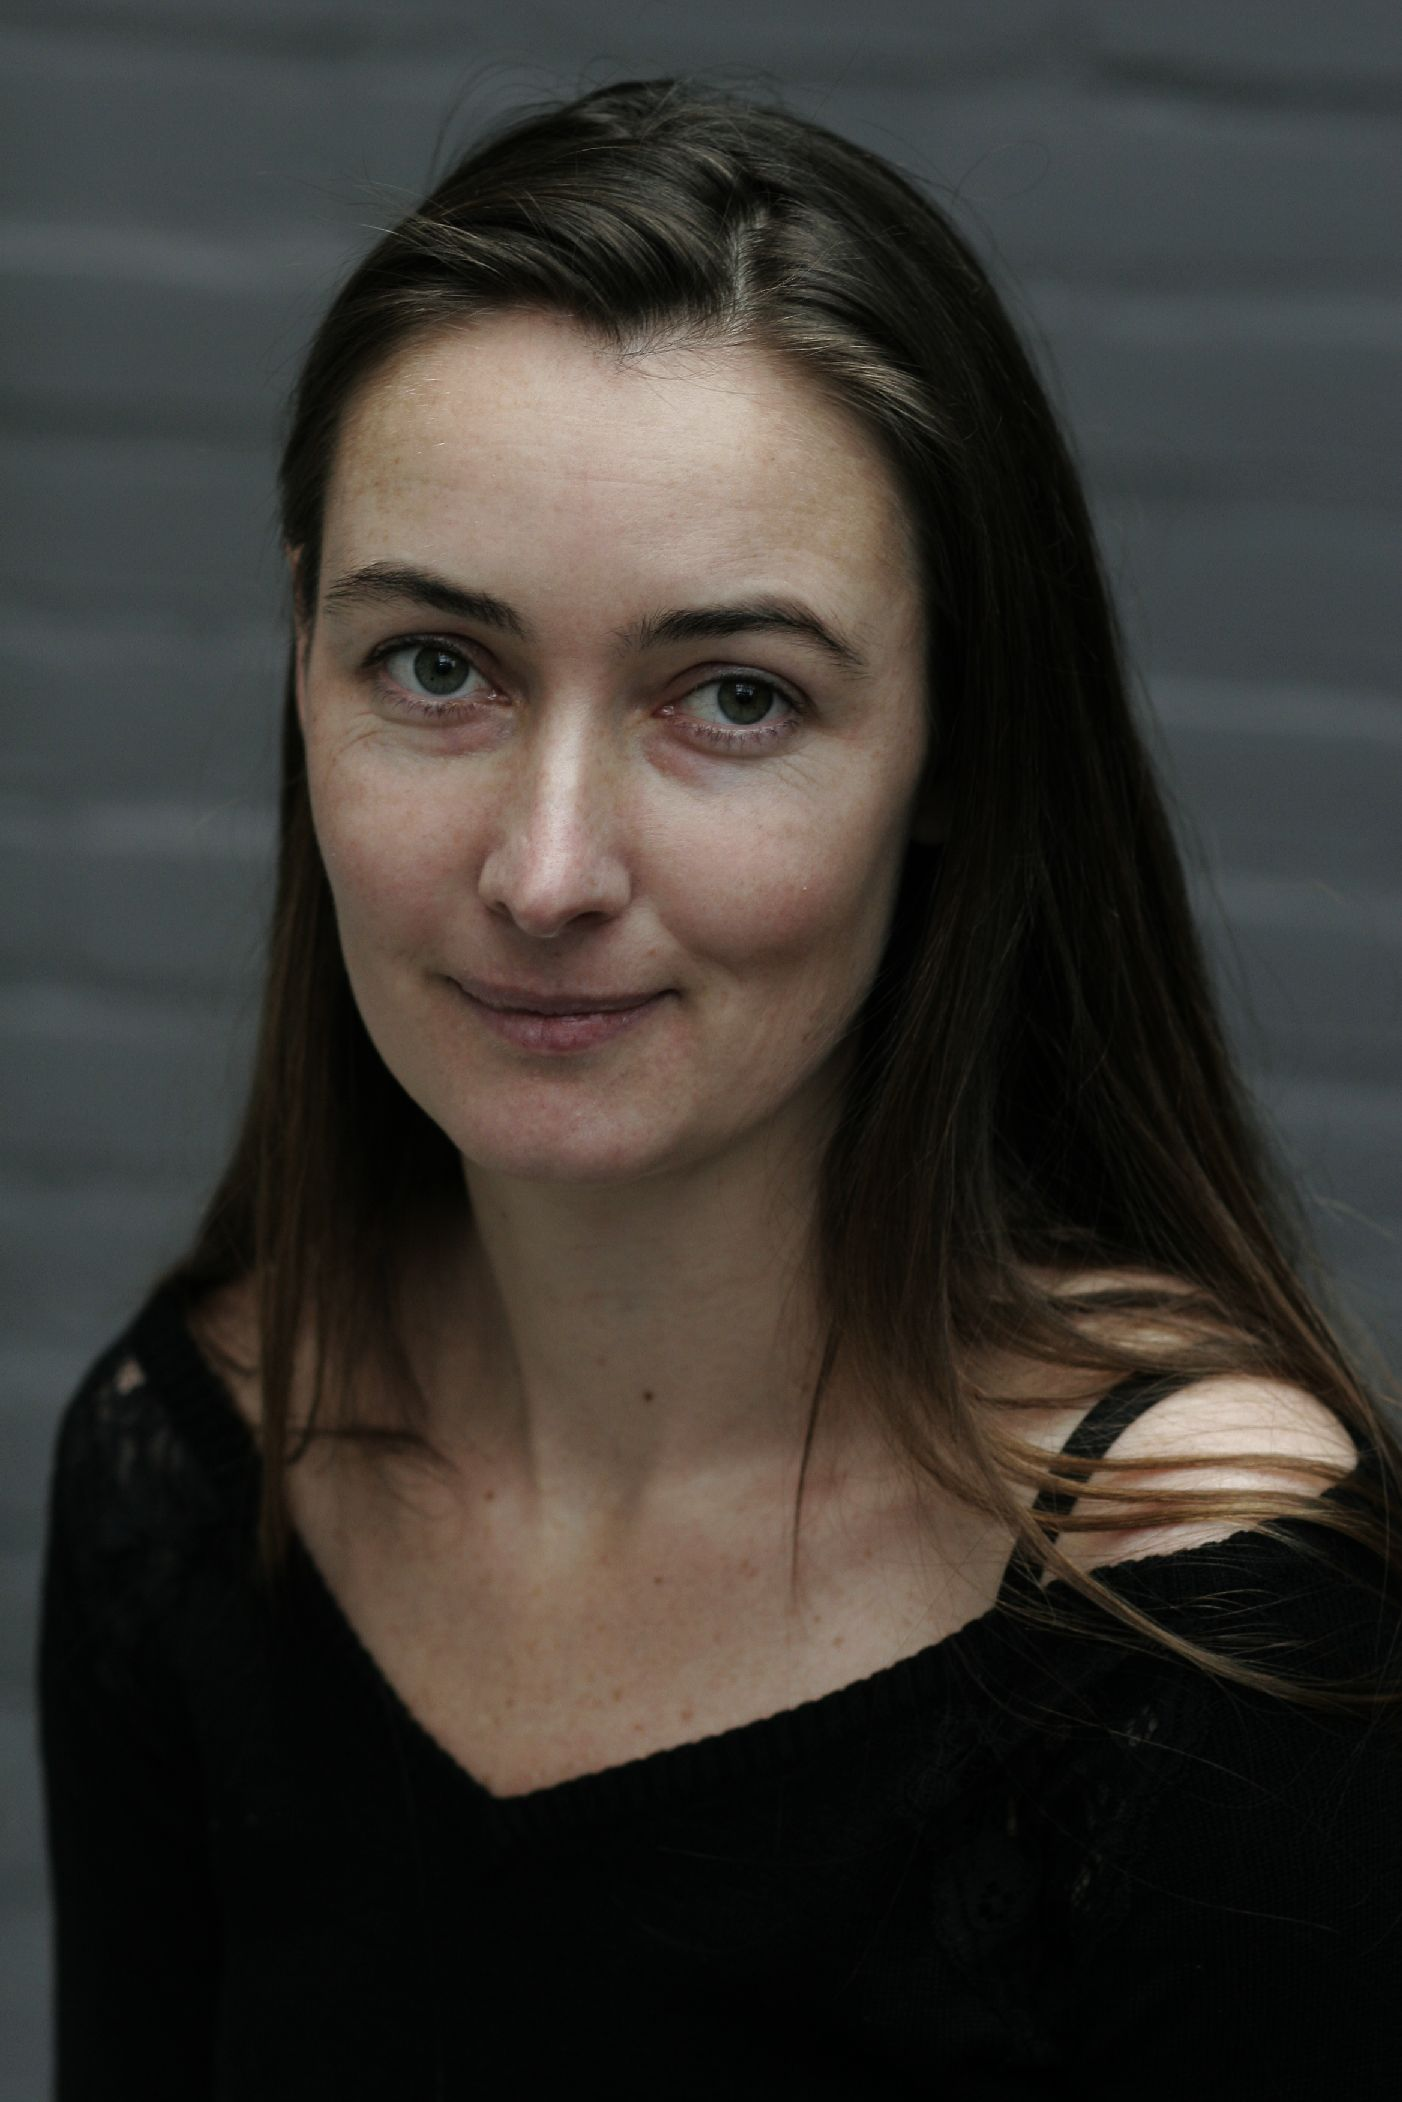 image of Danielle Posthuma